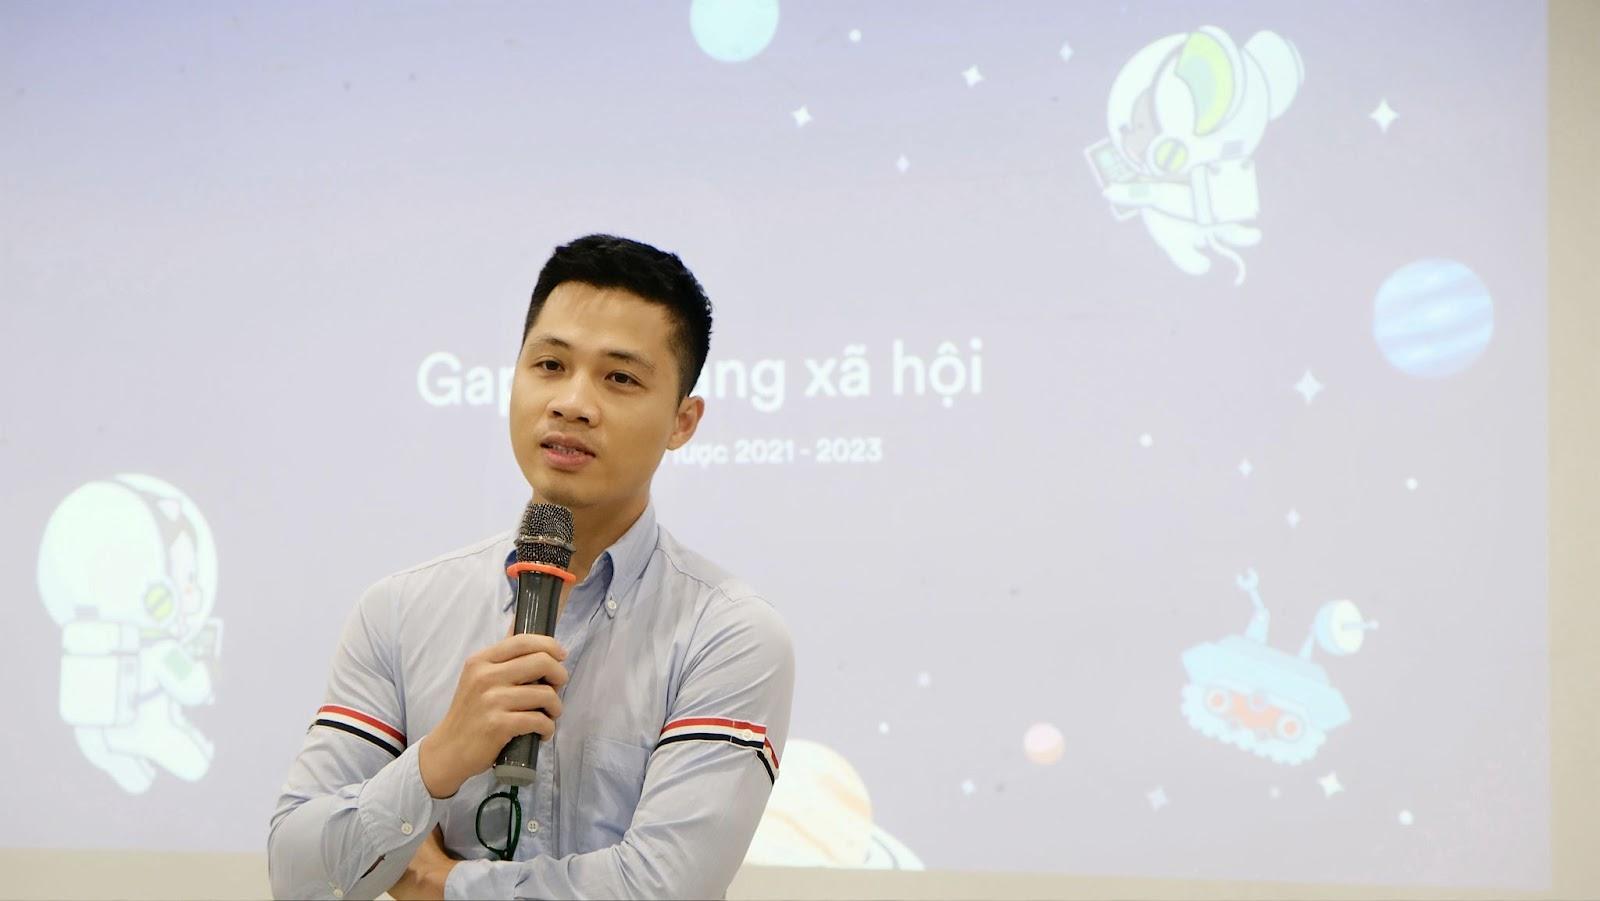 Ông Hà Trung Kiên - Tổng Giám Đốc, đồng sáng lập Mạng xã hội Gapo.